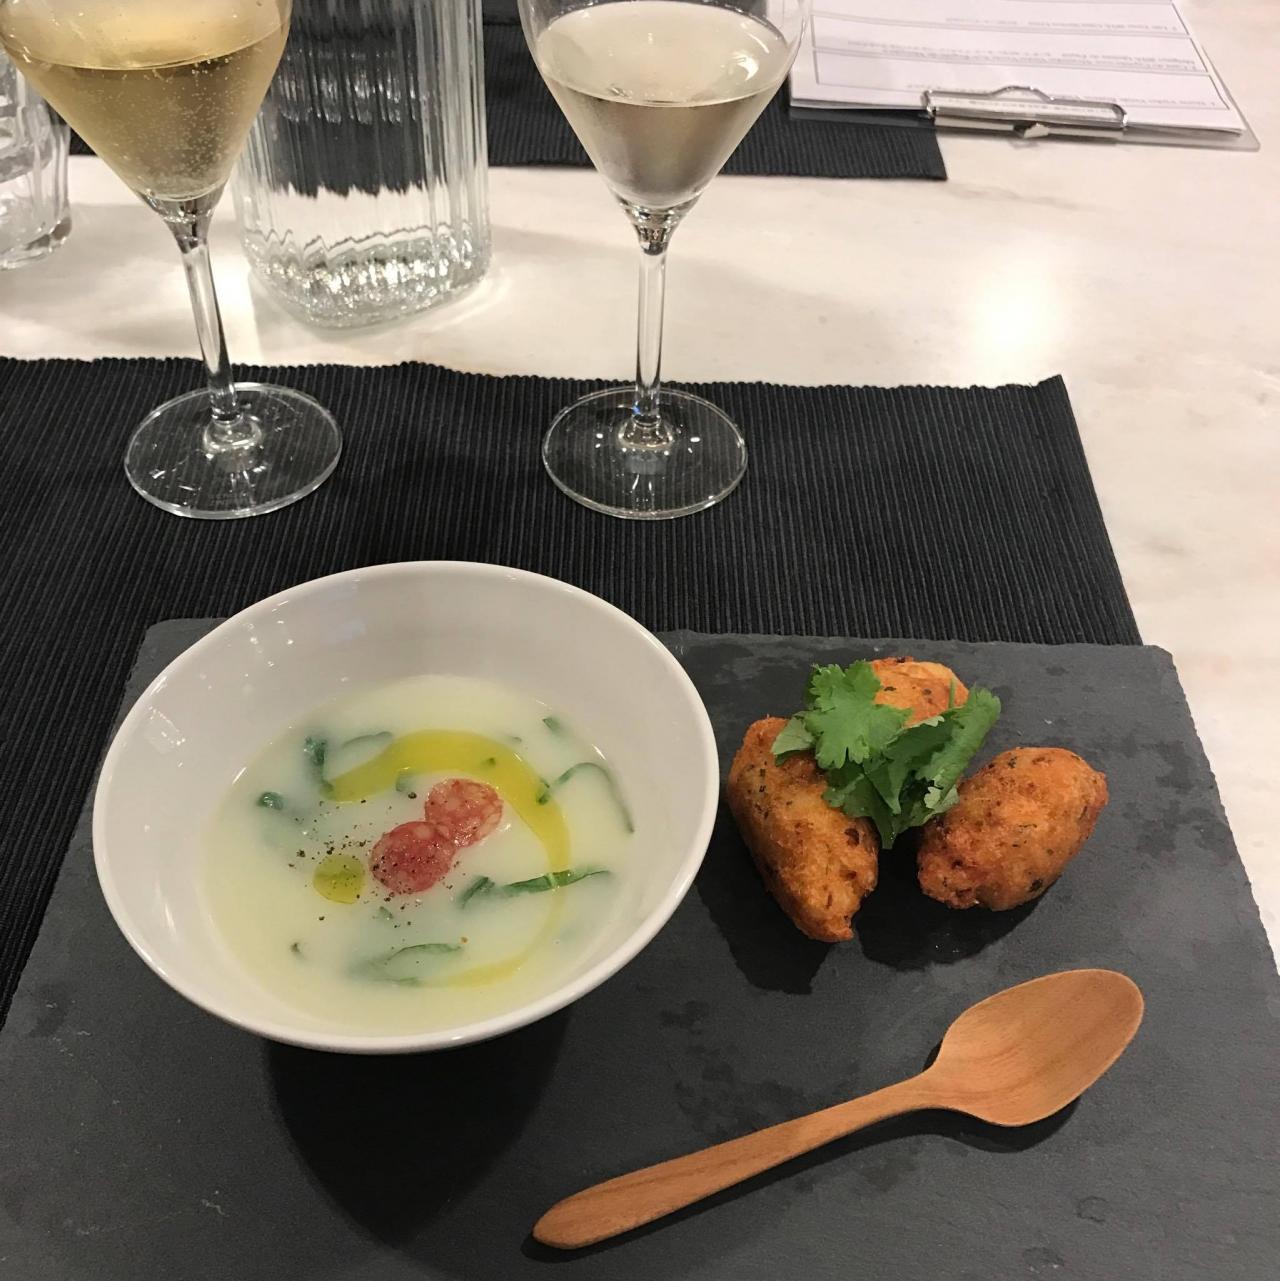 白ワイン2種類&ポルトガルの伝統スープ「カルドヴェルデ」とバカリャオ(干ダラ)のコロッケ。パーフェクトな組み合わせ♪